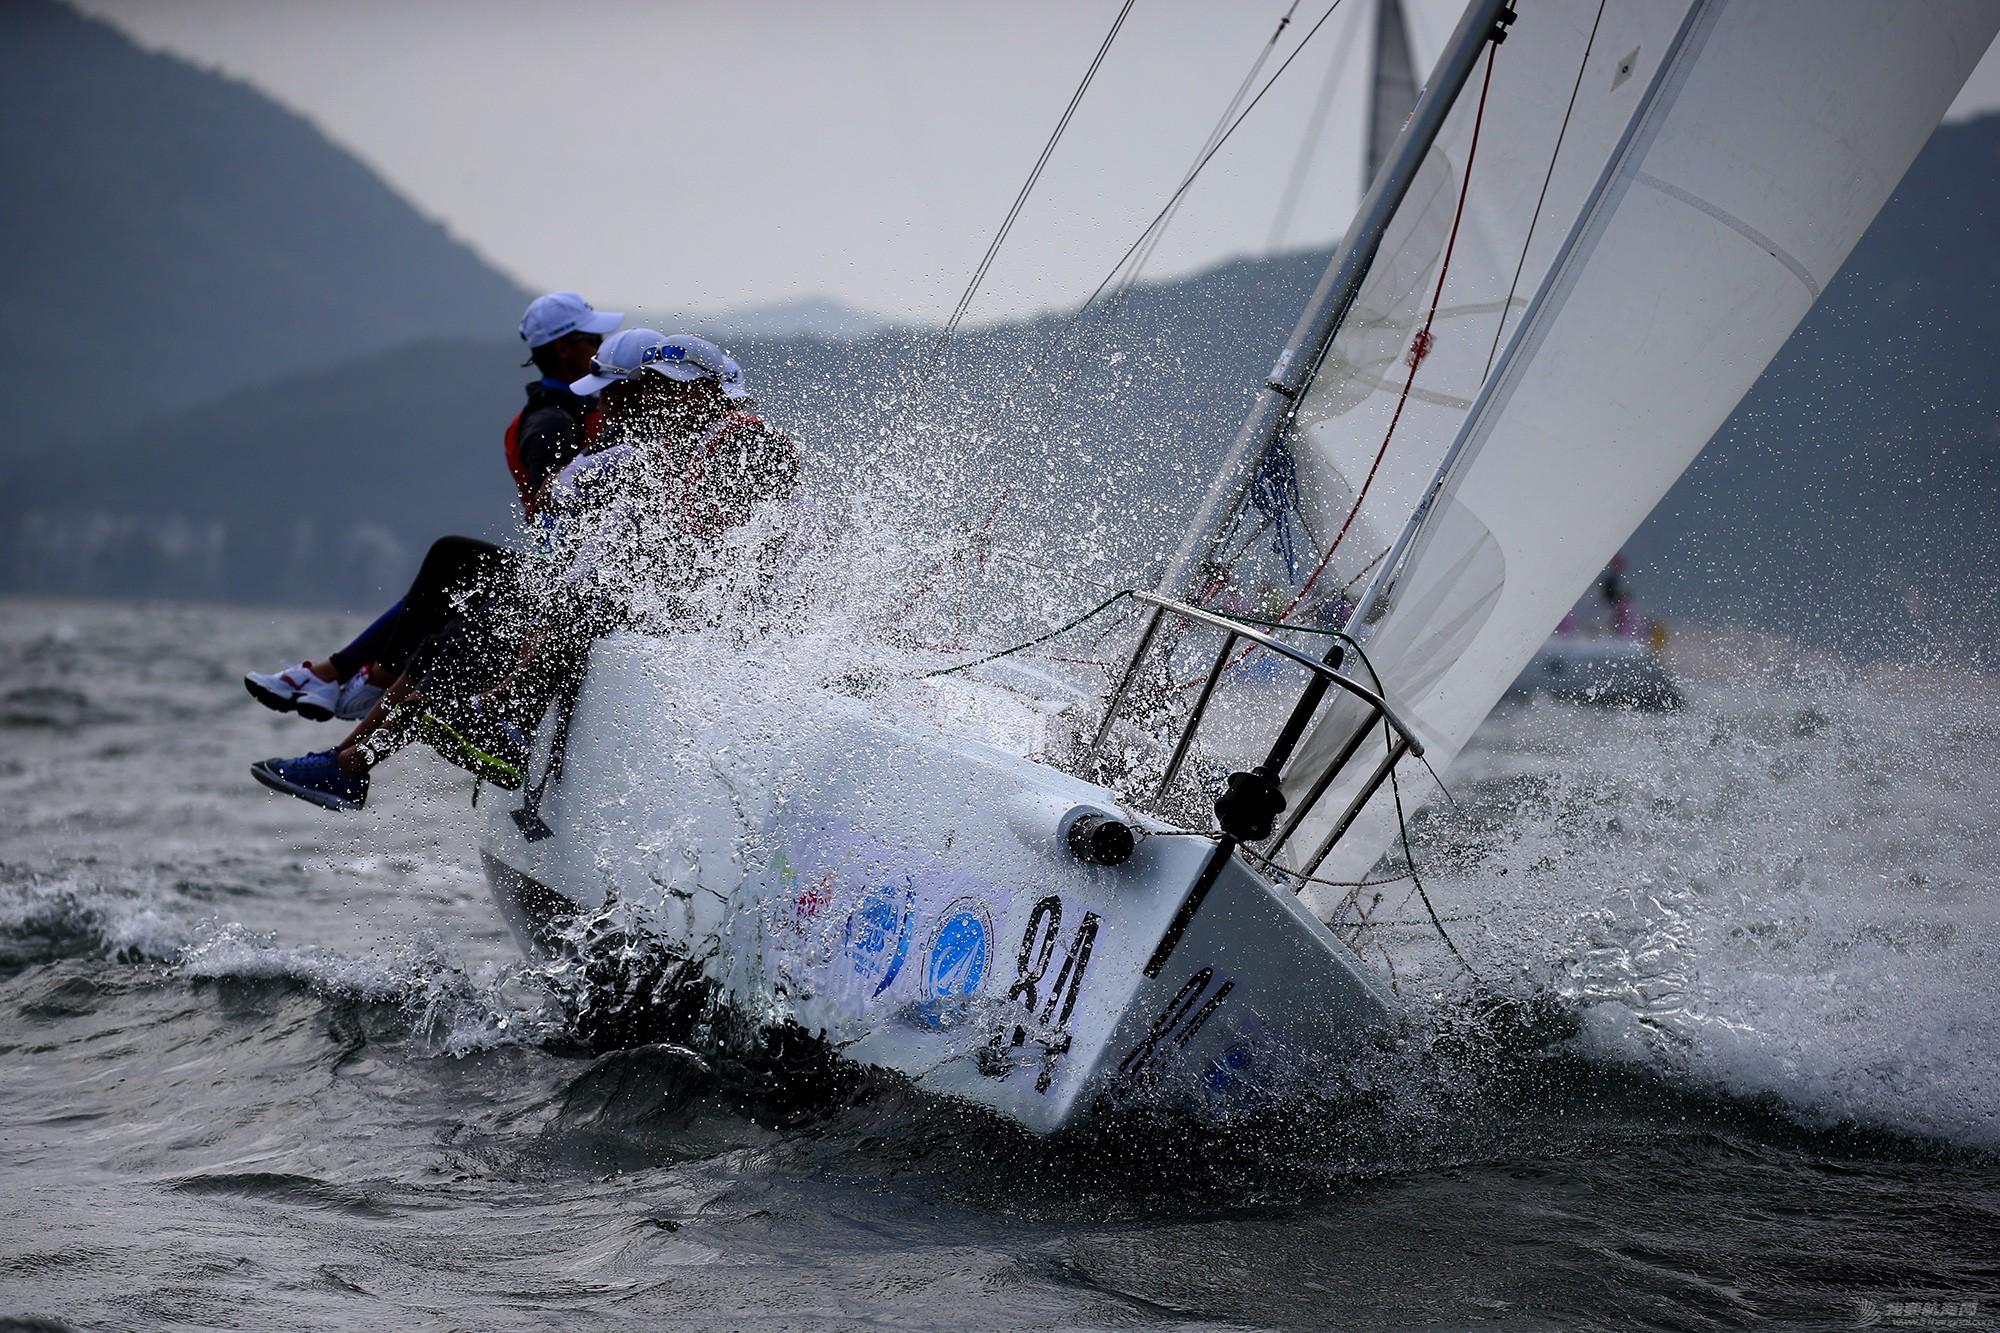 中国 中国杯帆船赛第三日——无风不起浪,雨中见刀枪 E78W7313.JPG